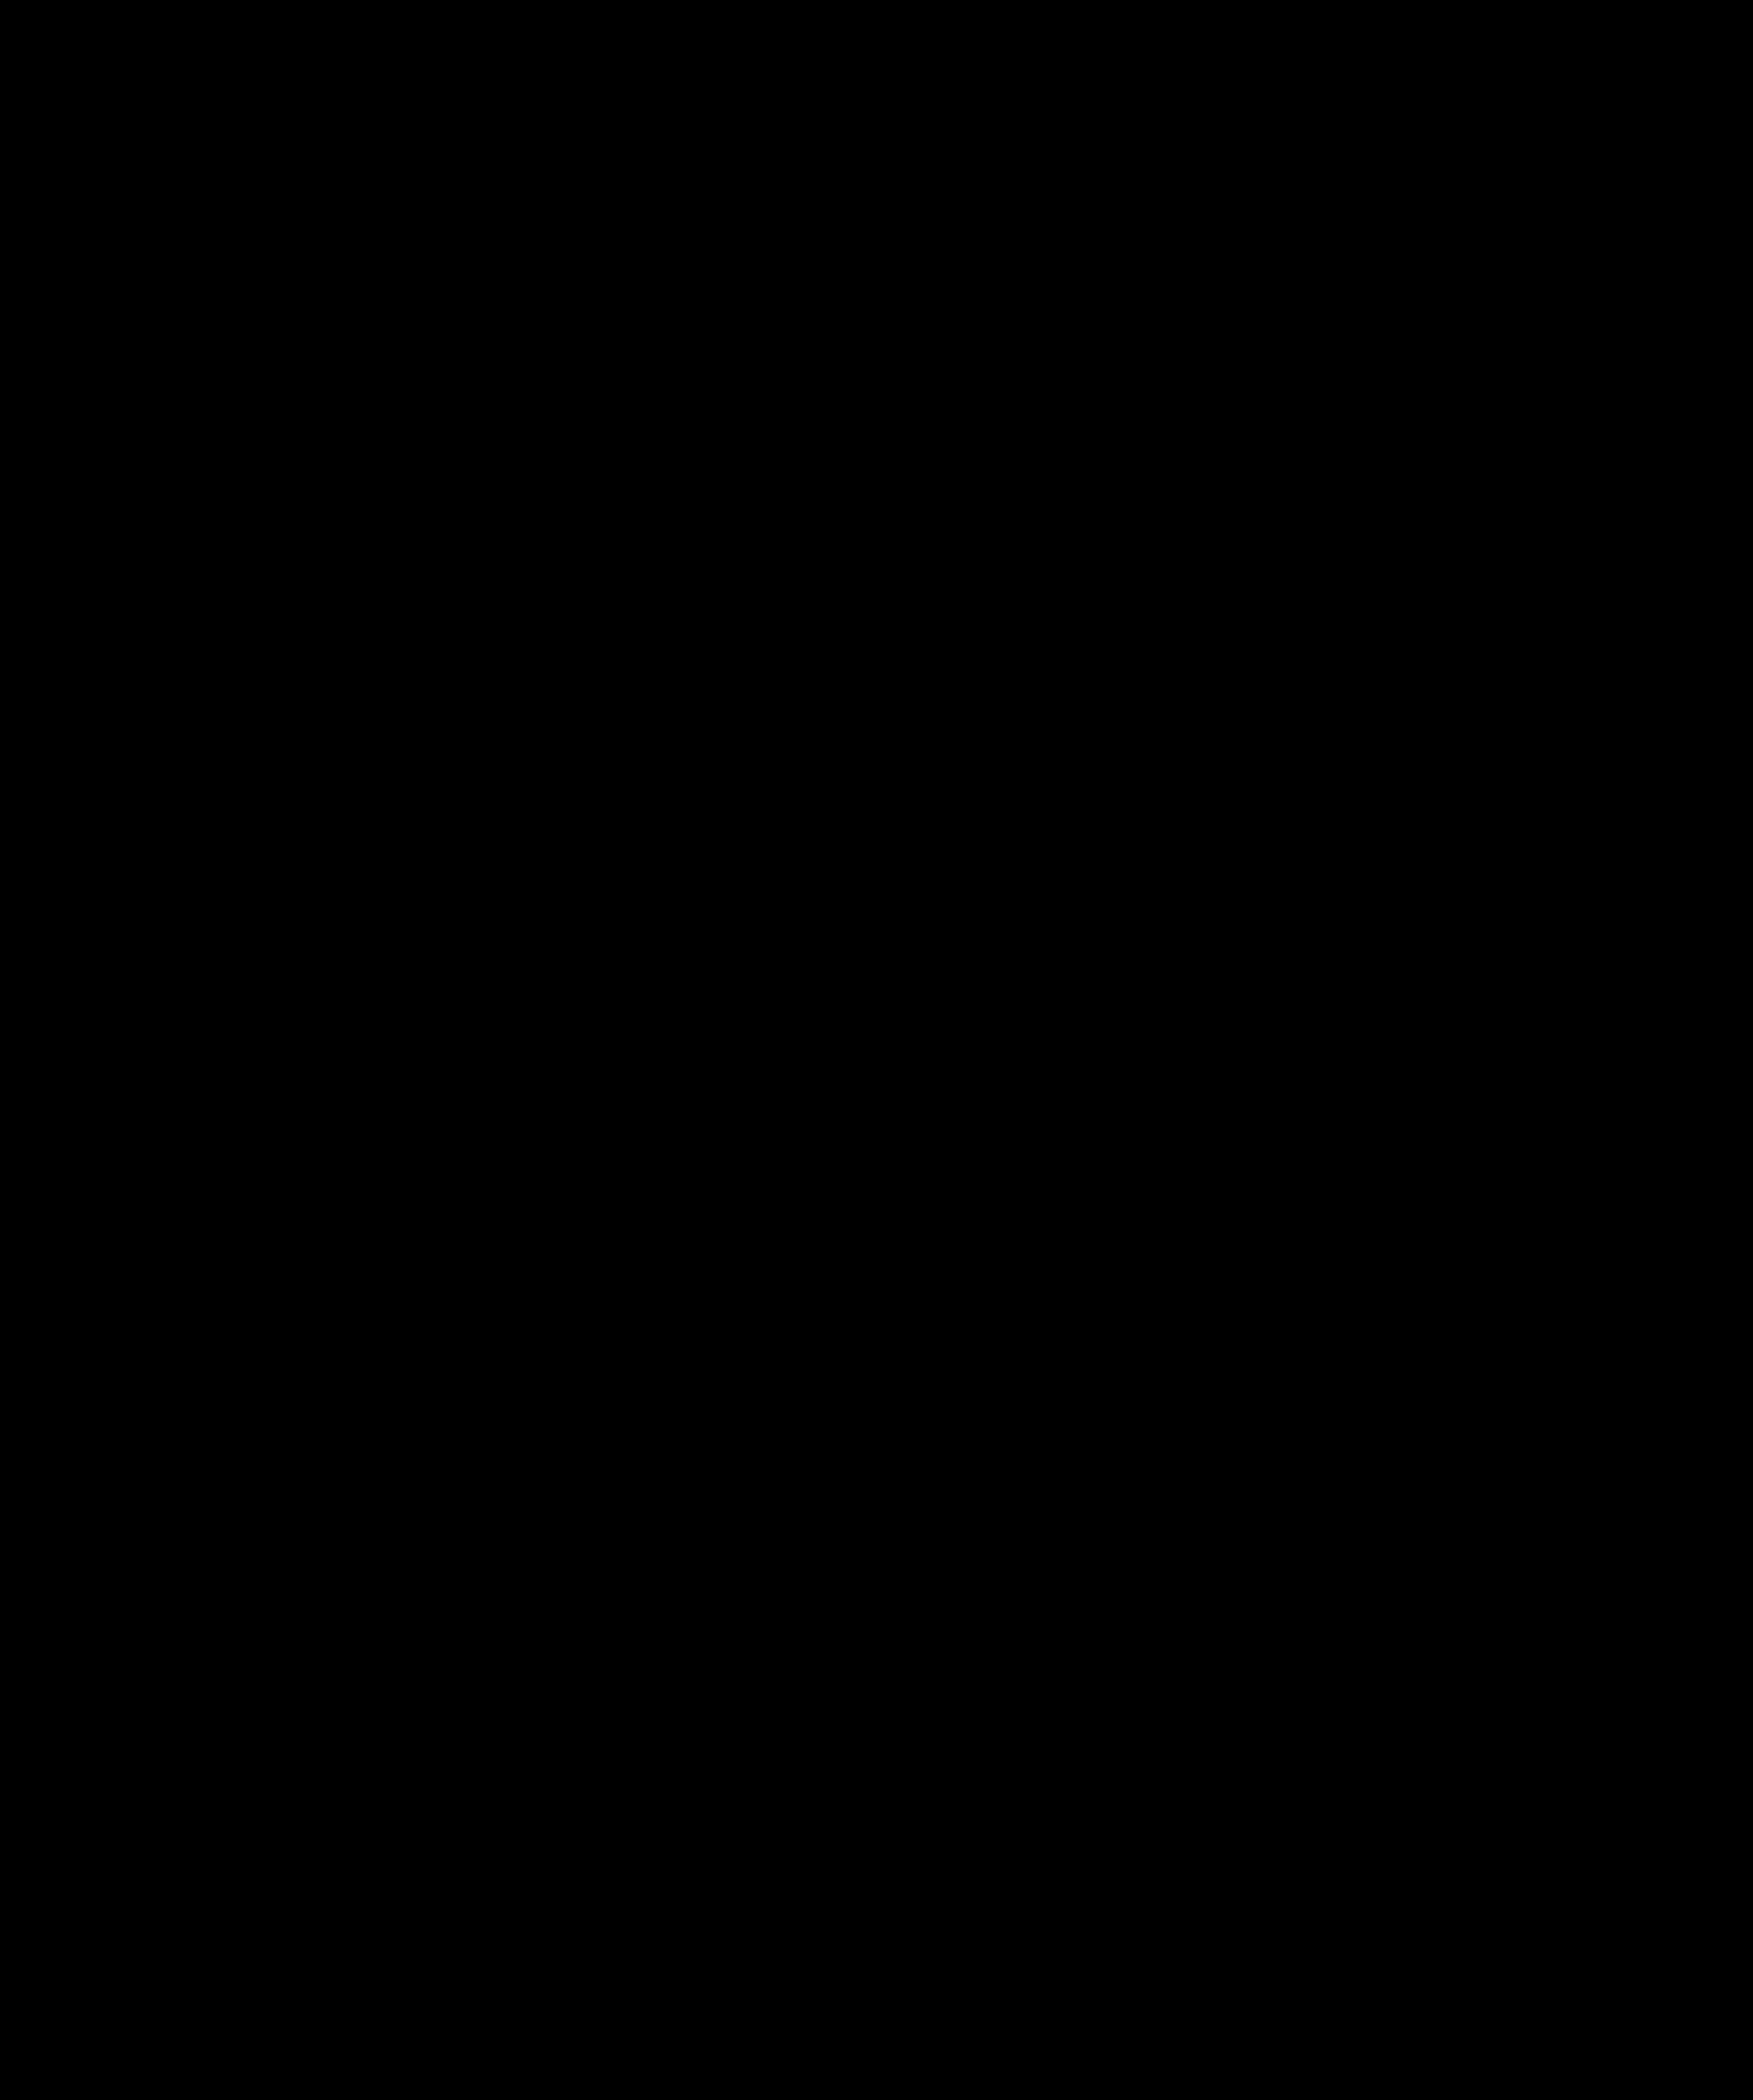 File:Gender equality symbol (clipart).png.